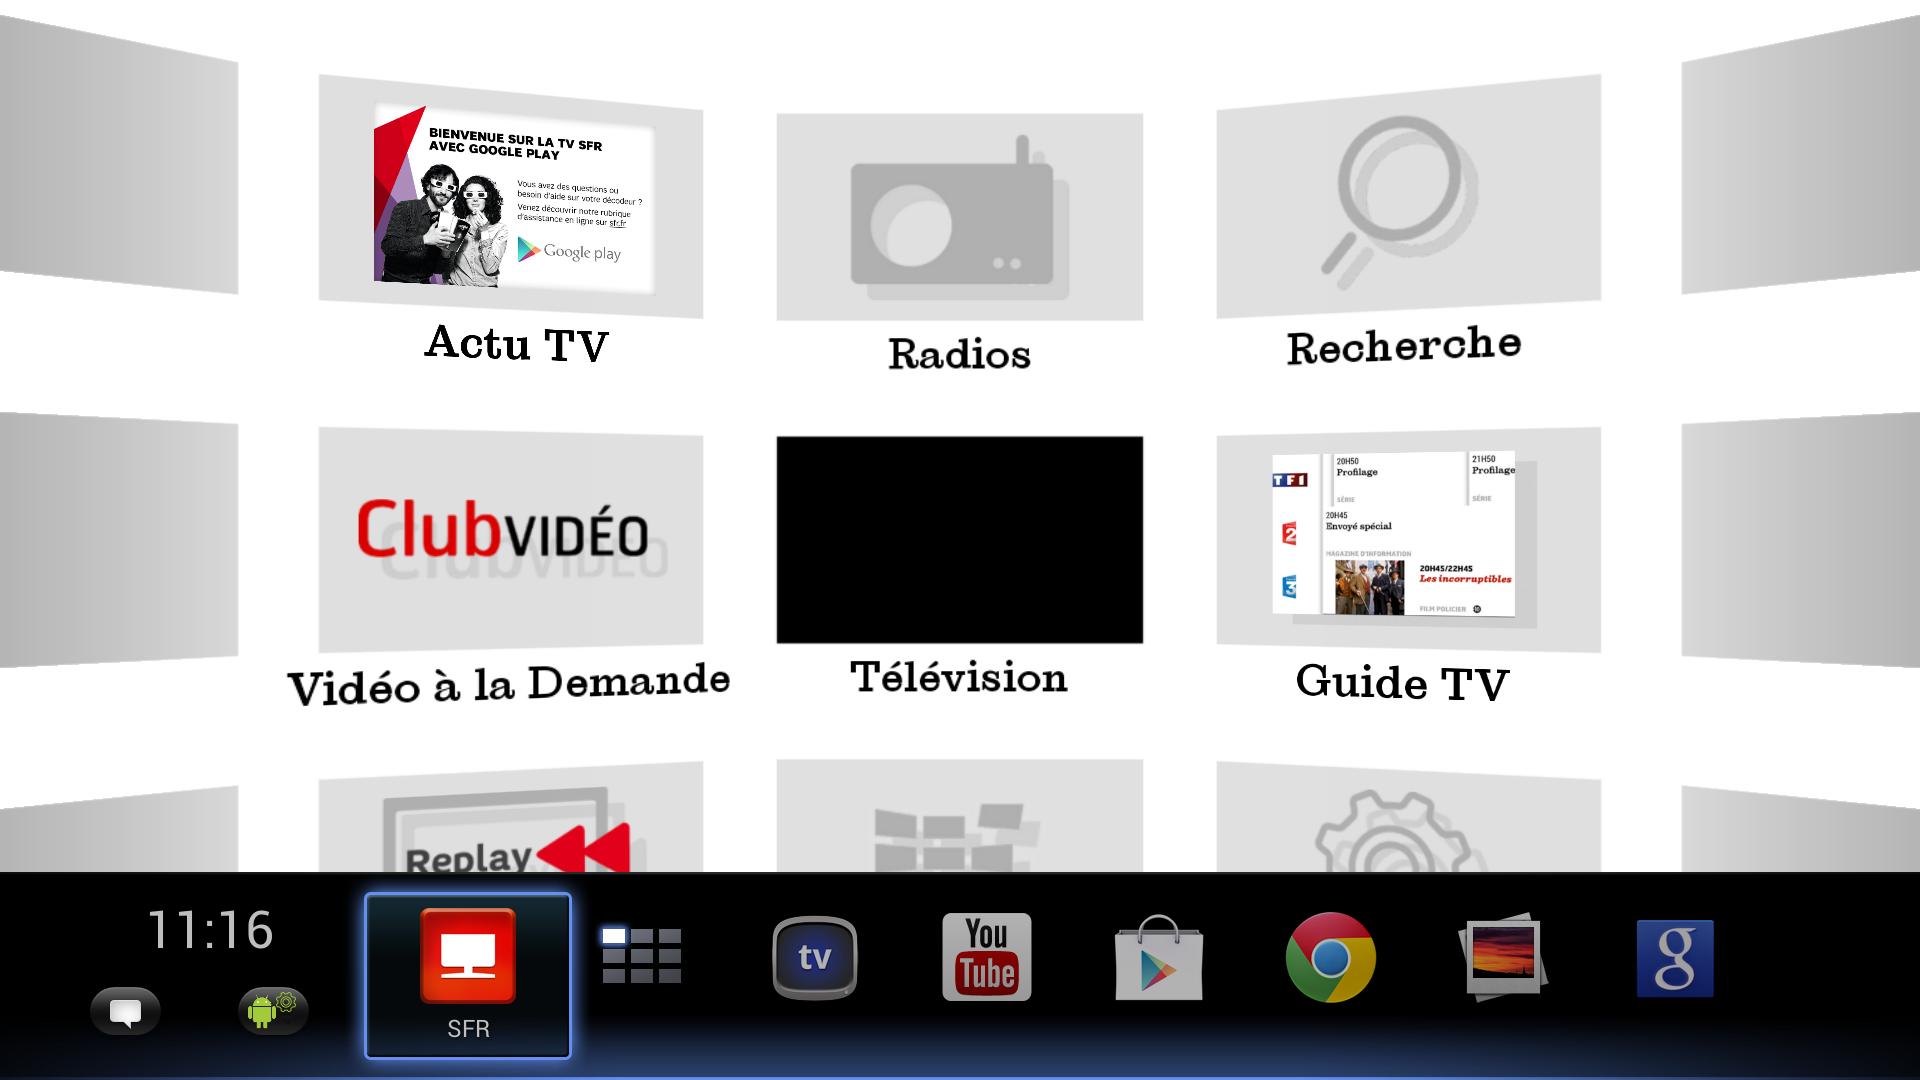 Décodeur TV SFR avec Google Play